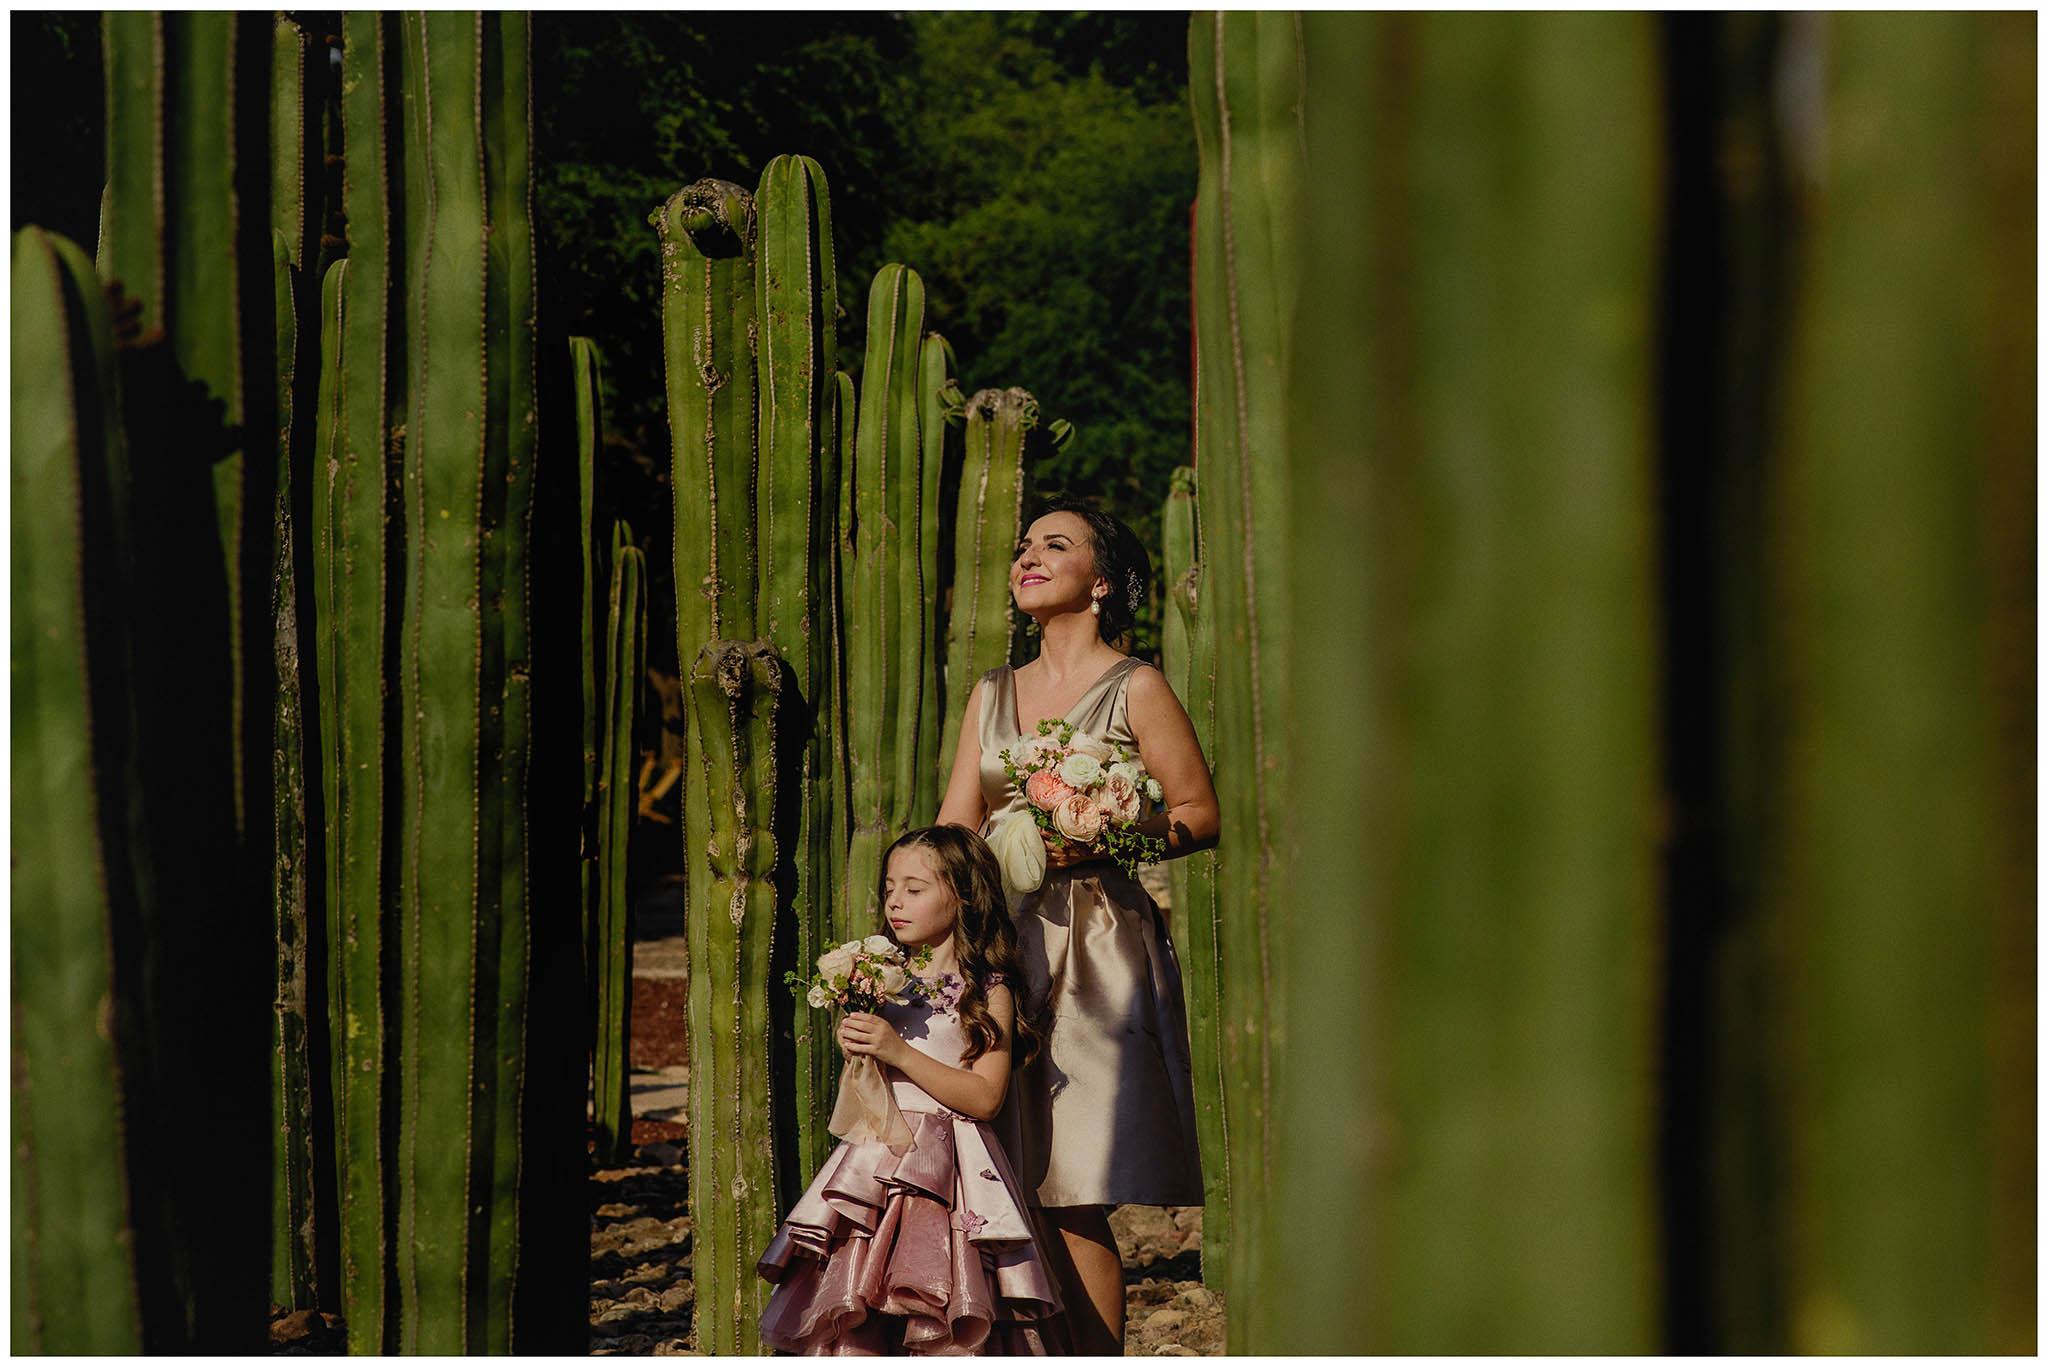 fotografo-bodas-viñedo-puerta-lobo-016.jpg